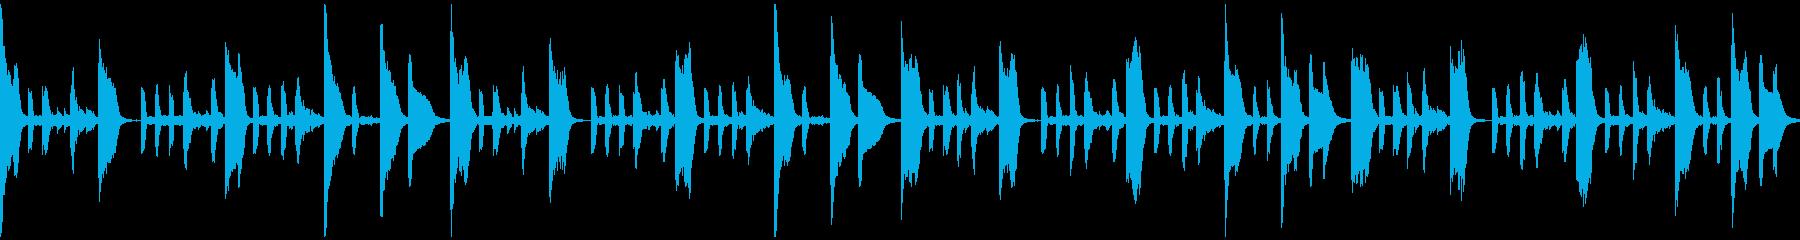 のんびりかわいいエレクトロの再生済みの波形